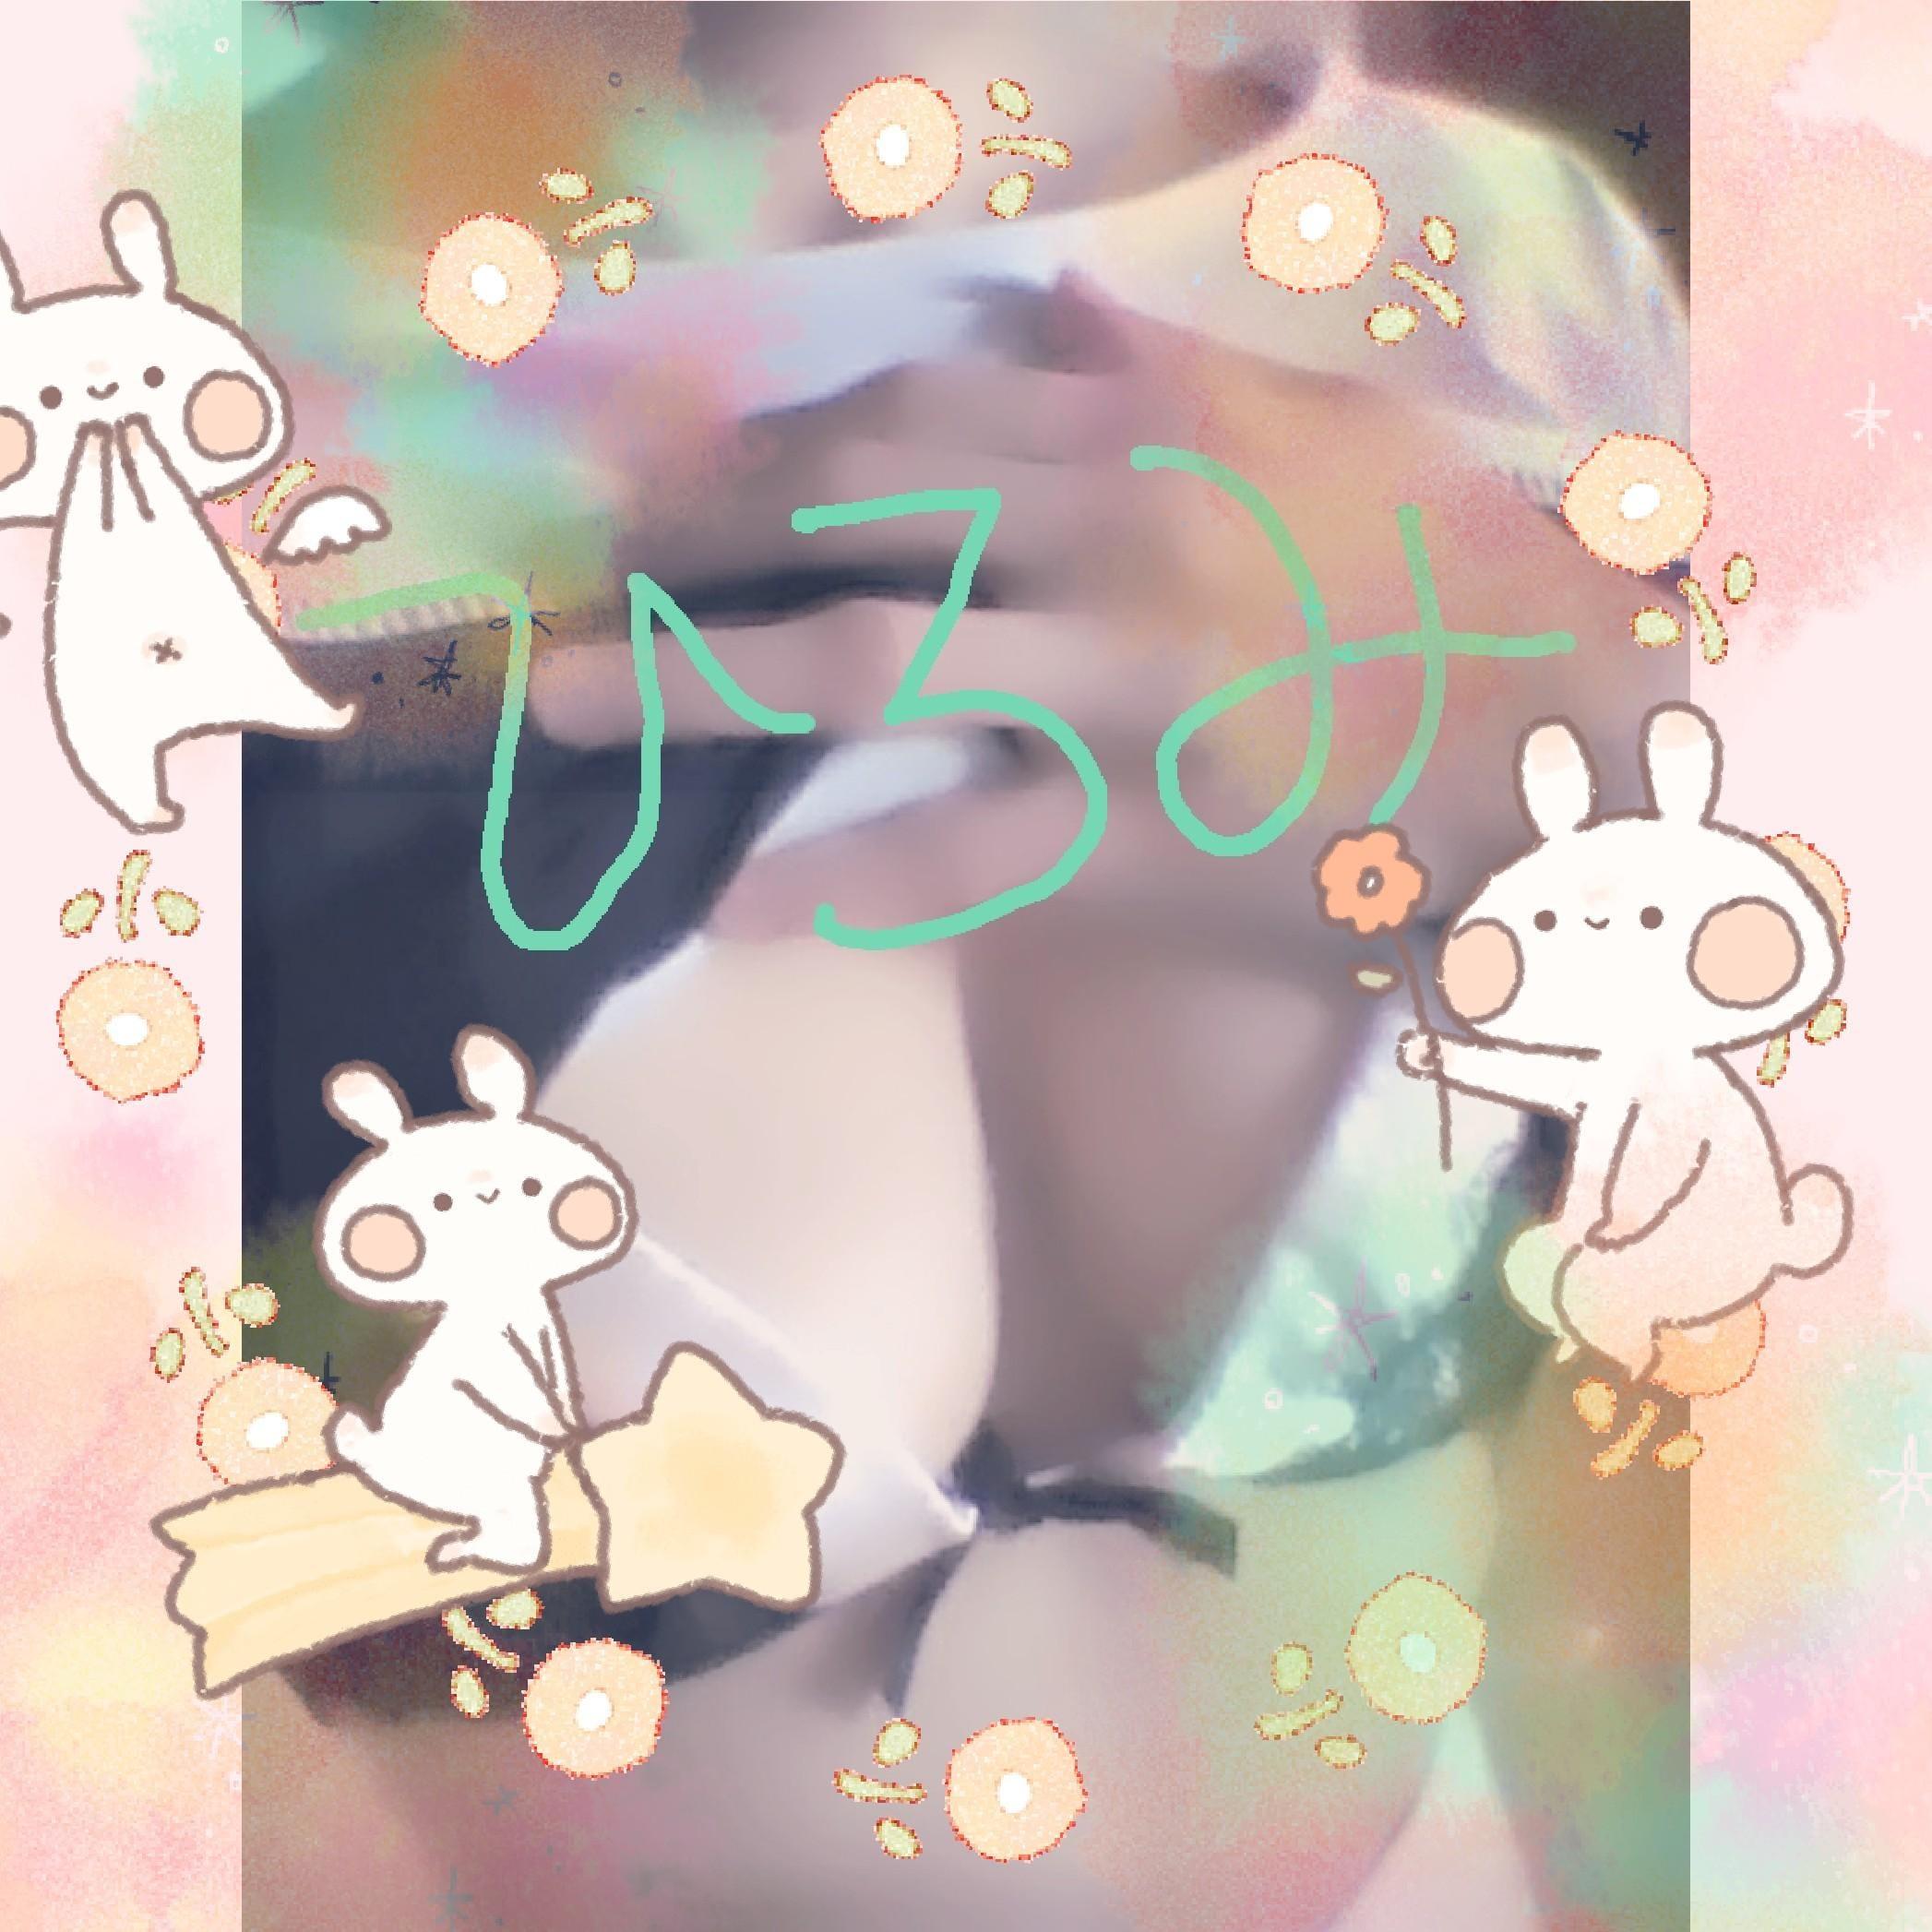 「ありがとうございます(^ω^)」08/28(08/28) 08:12 | 安西ひろみの写メ・風俗動画